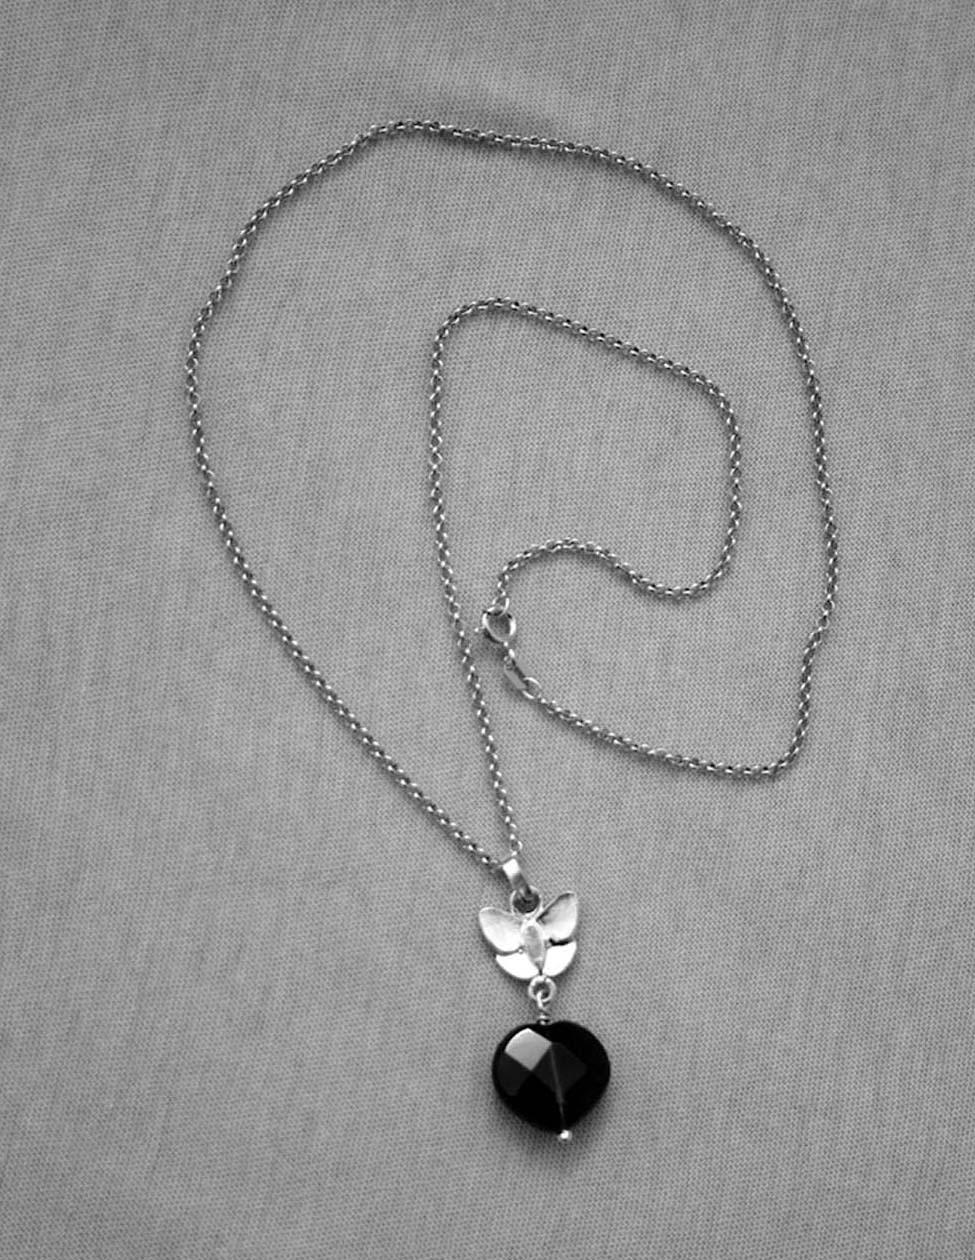 coups de coeur de lo collier avec pendentif papillon argent et pierre semi pr cieuse. Black Bedroom Furniture Sets. Home Design Ideas